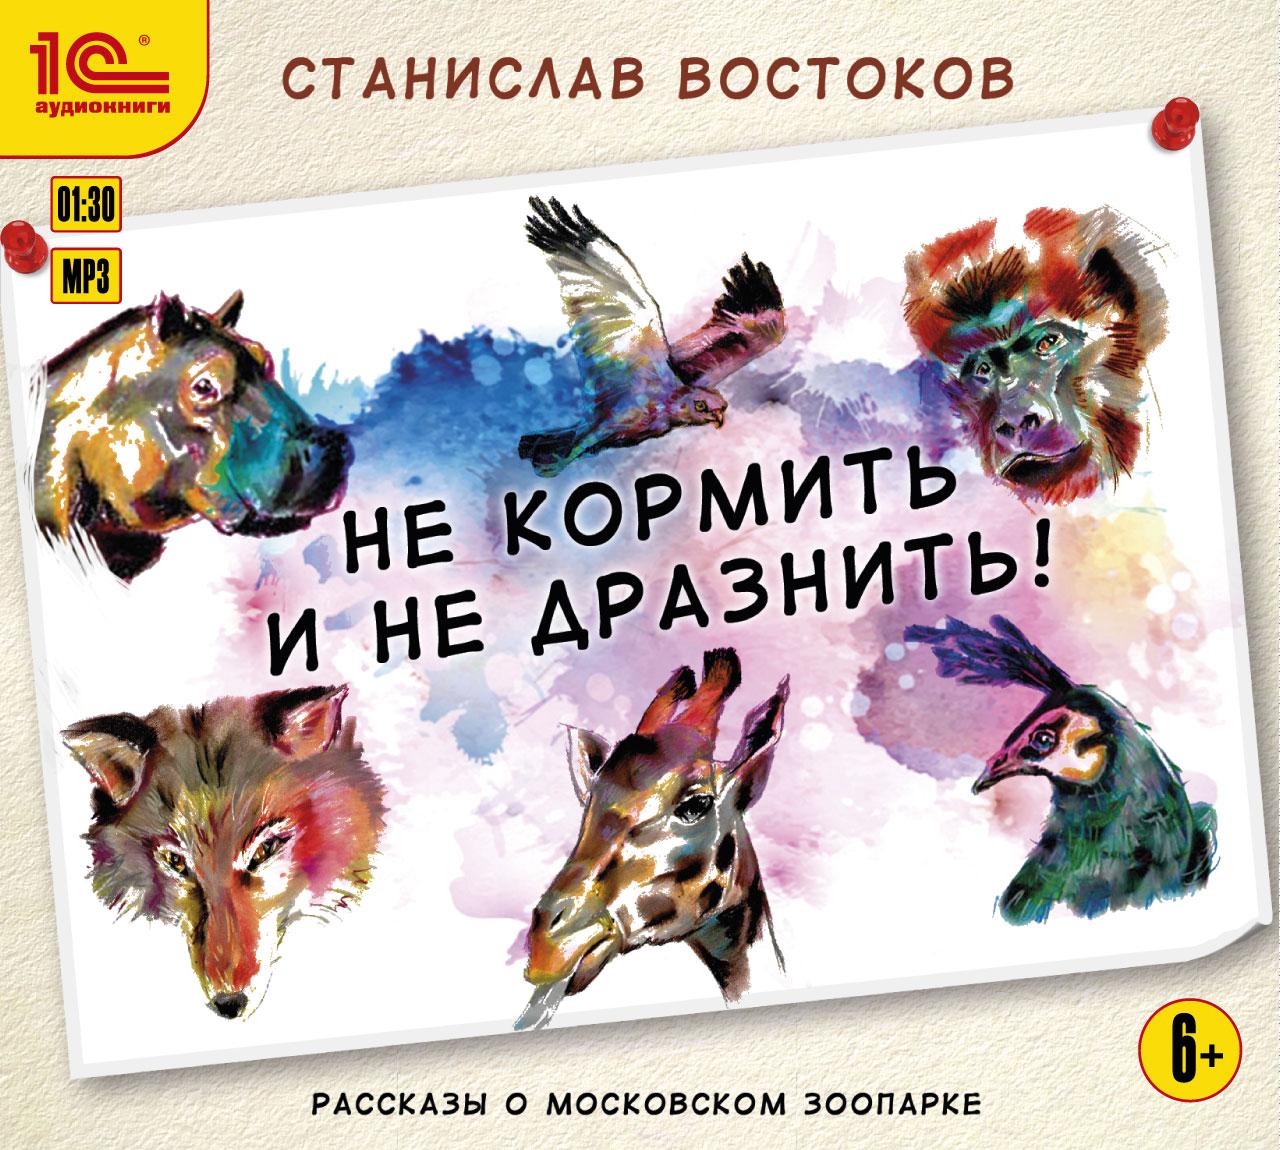 Станислав Востоков Не кормить и не дразнить! станислав востоков кум королю